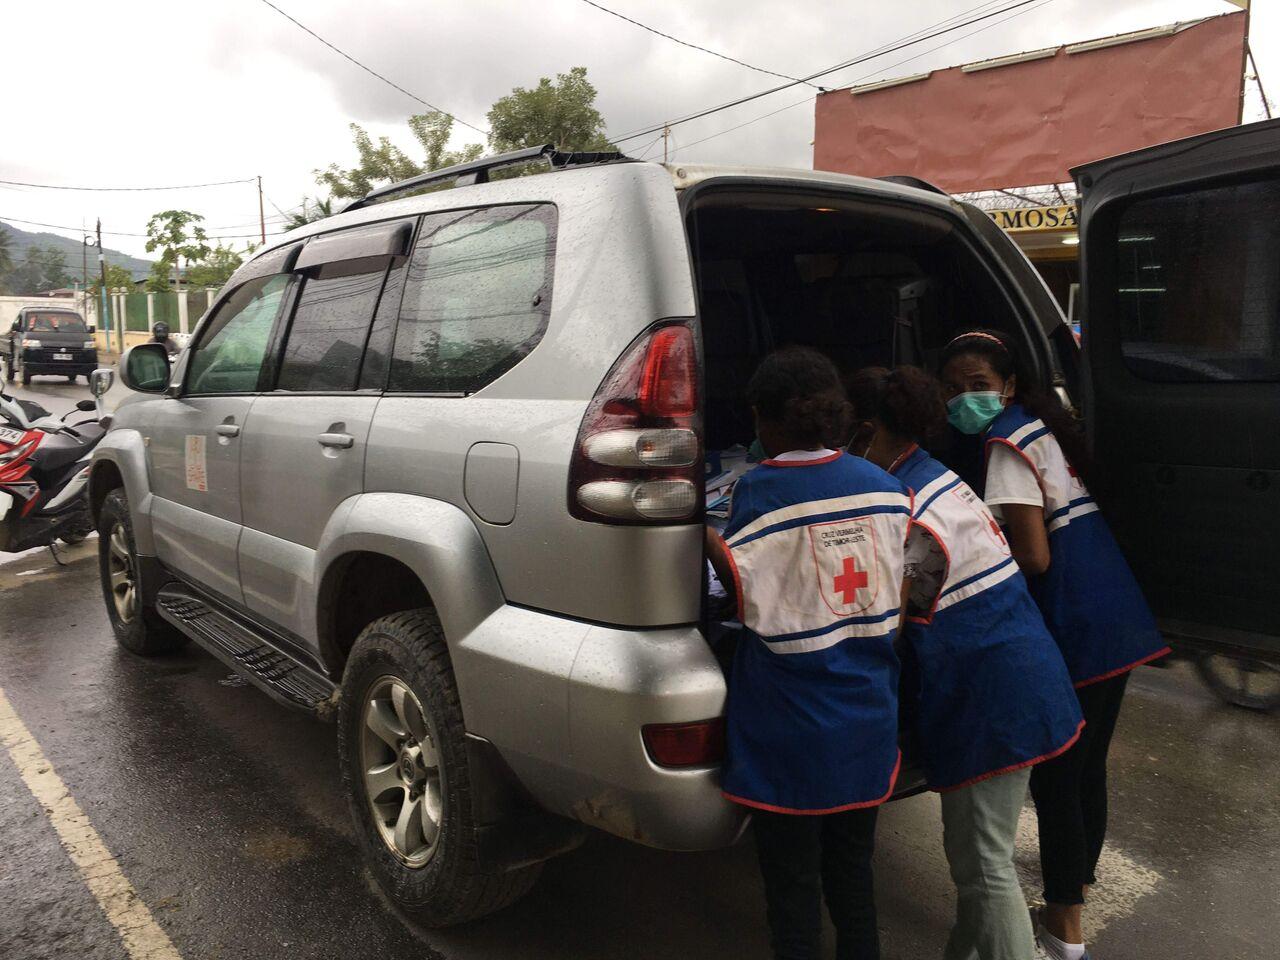 保健局による蚊帳の配布を手伝うシェア車両